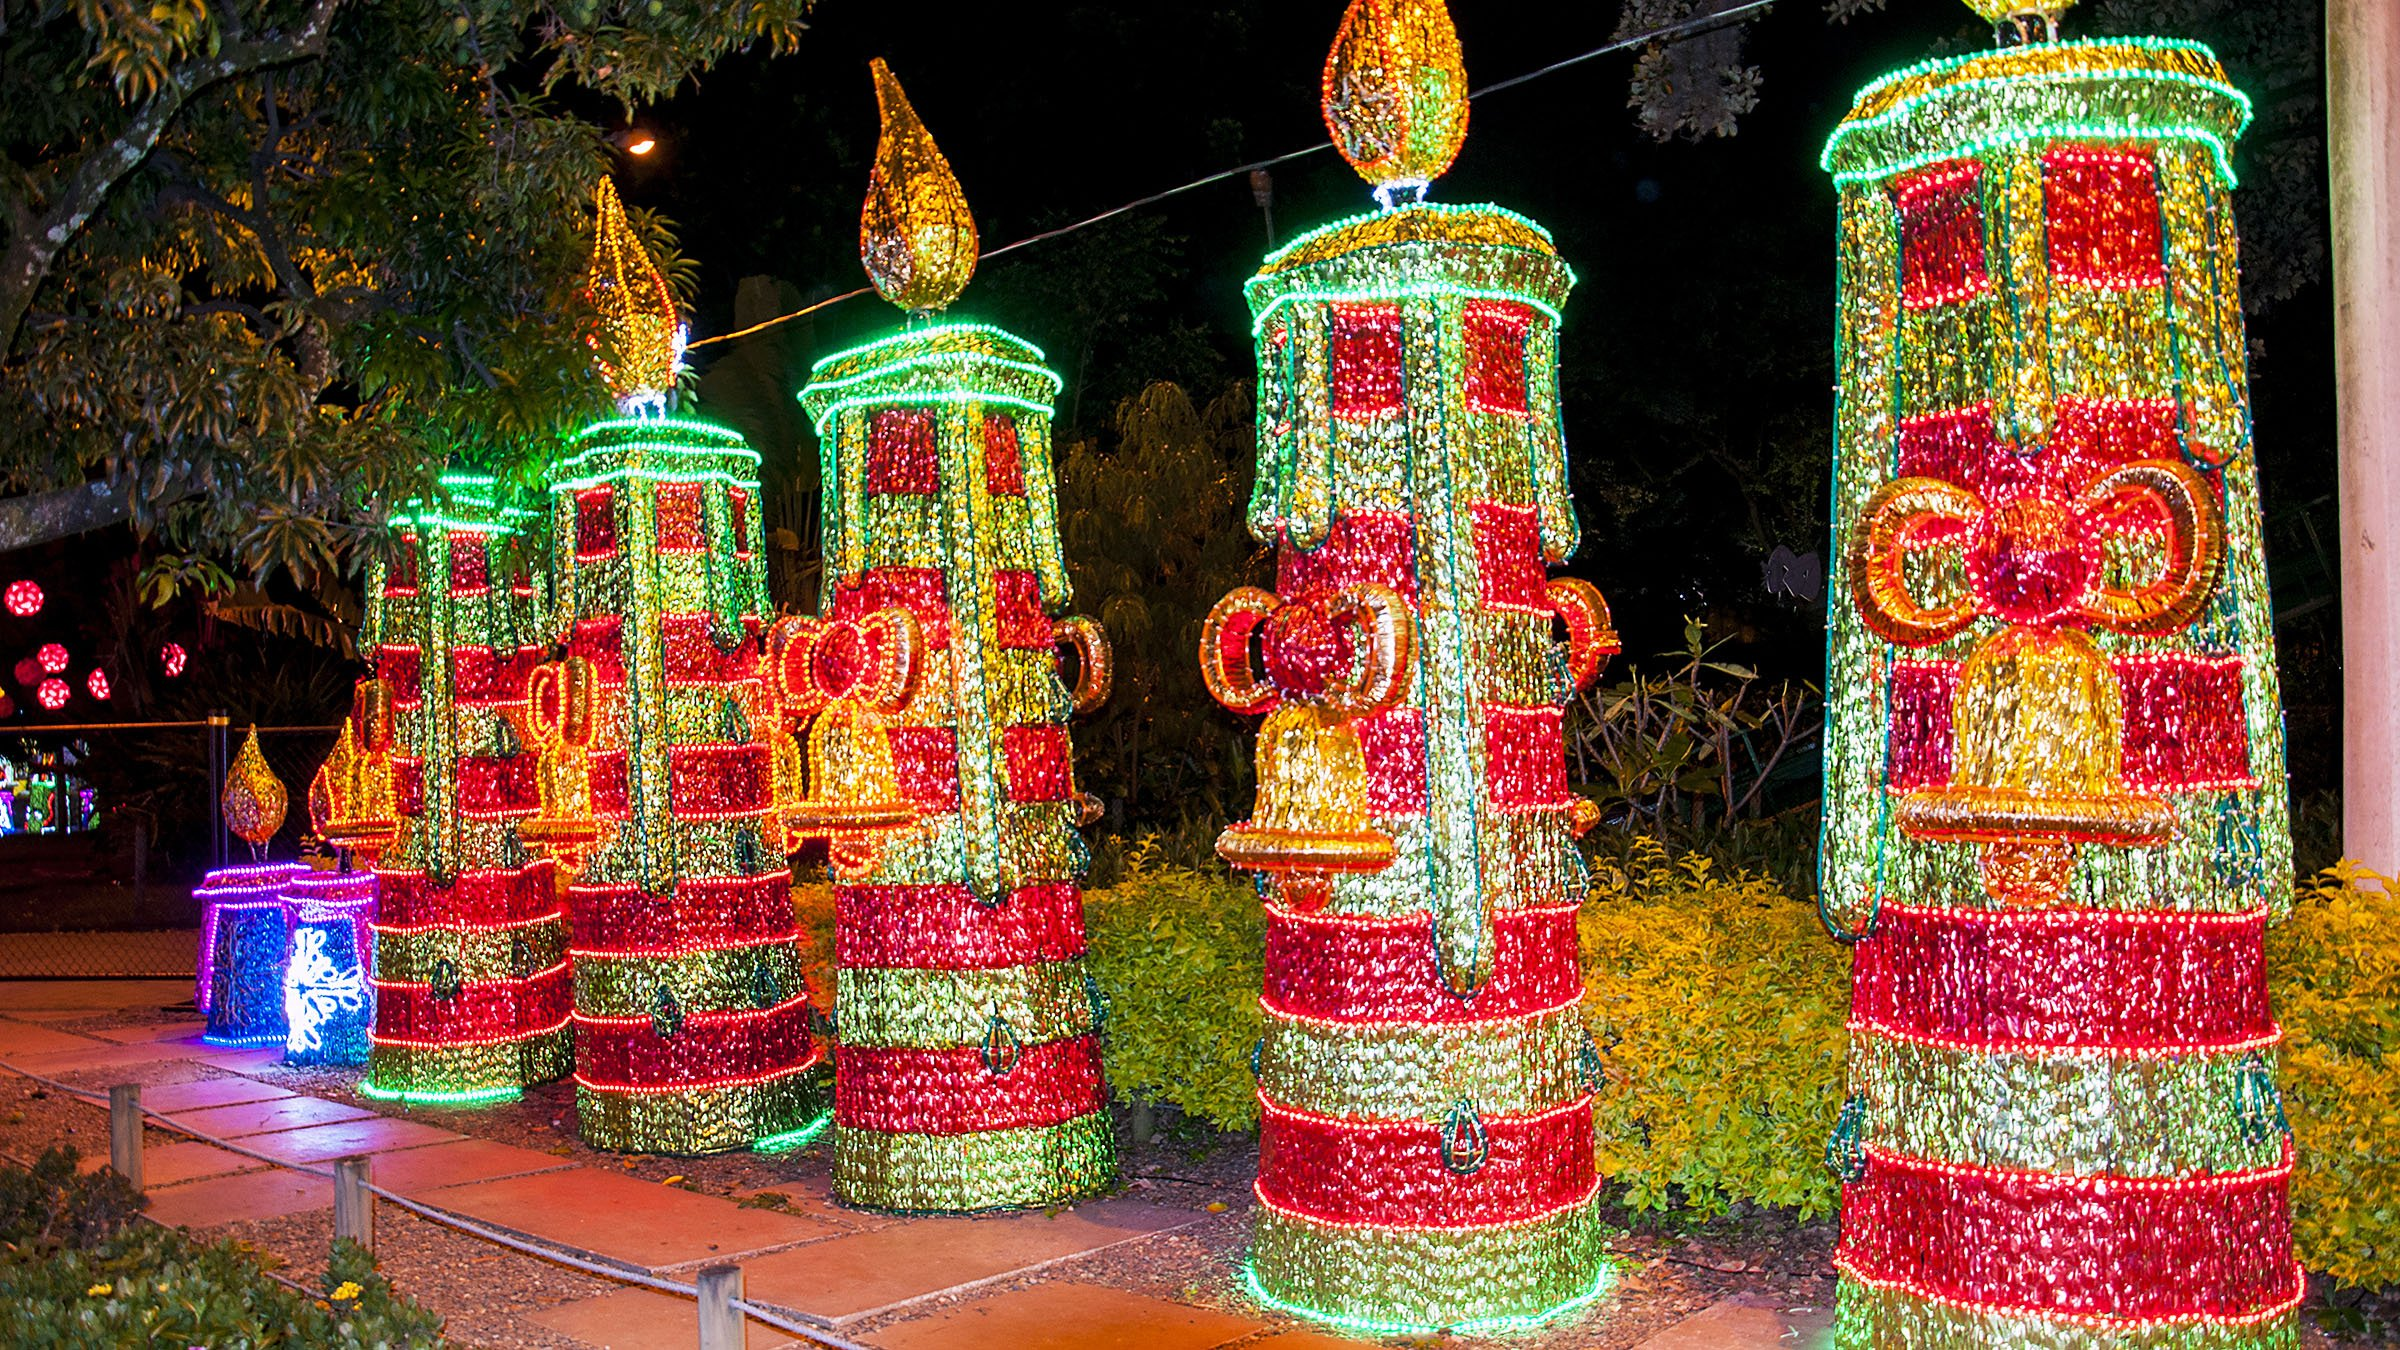 Tradiciones navide as en colombia - Costumbres navidenas en alemania ...